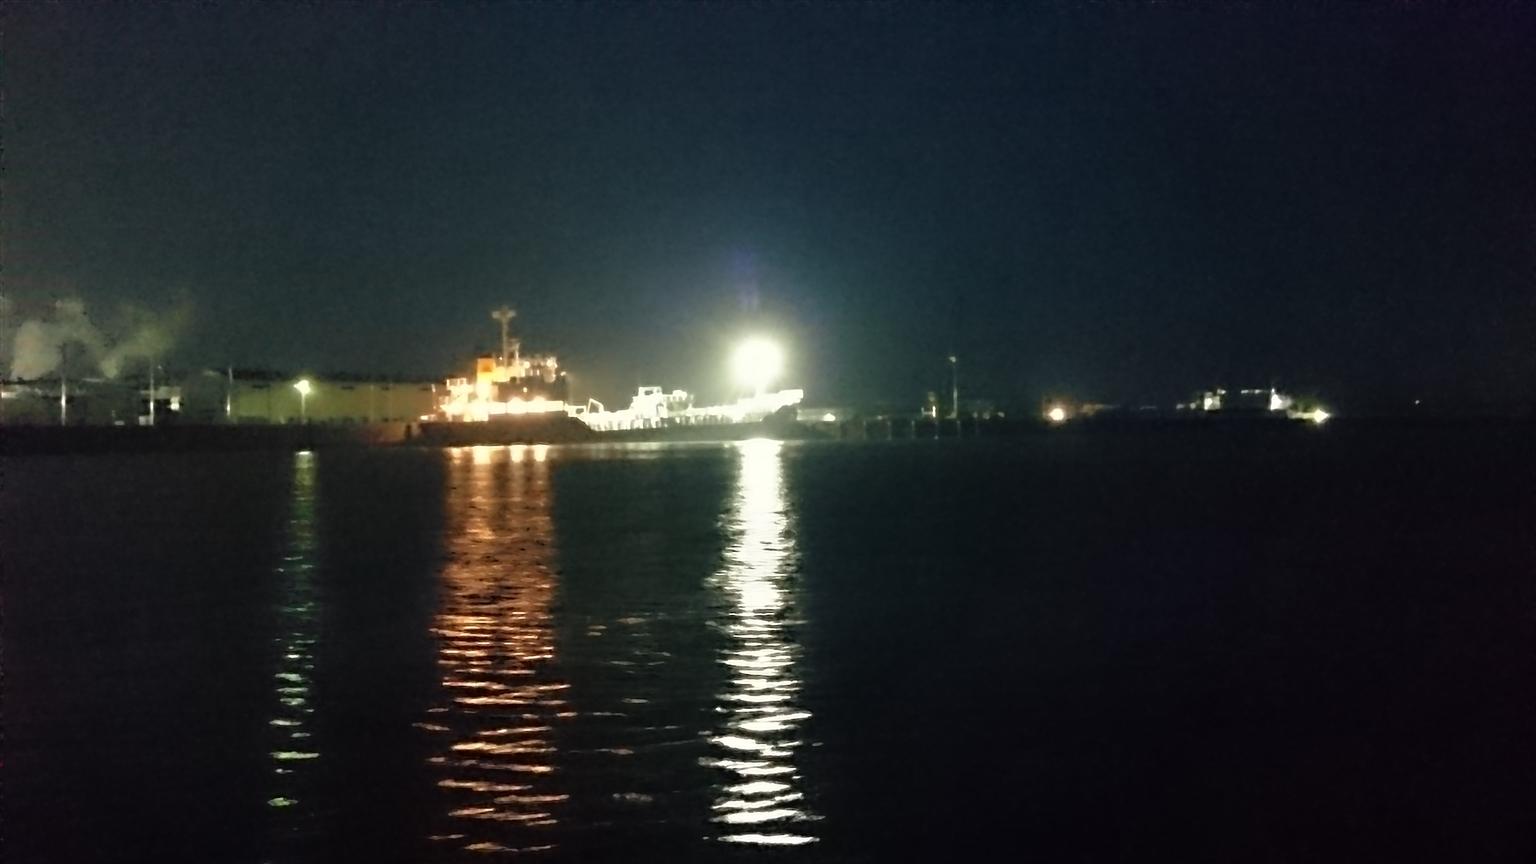 大型船が岸壁に係留していました。それだけでどこか幻想的・・・高ぶる気持ちの中では何を見ても大興奮です(笑)